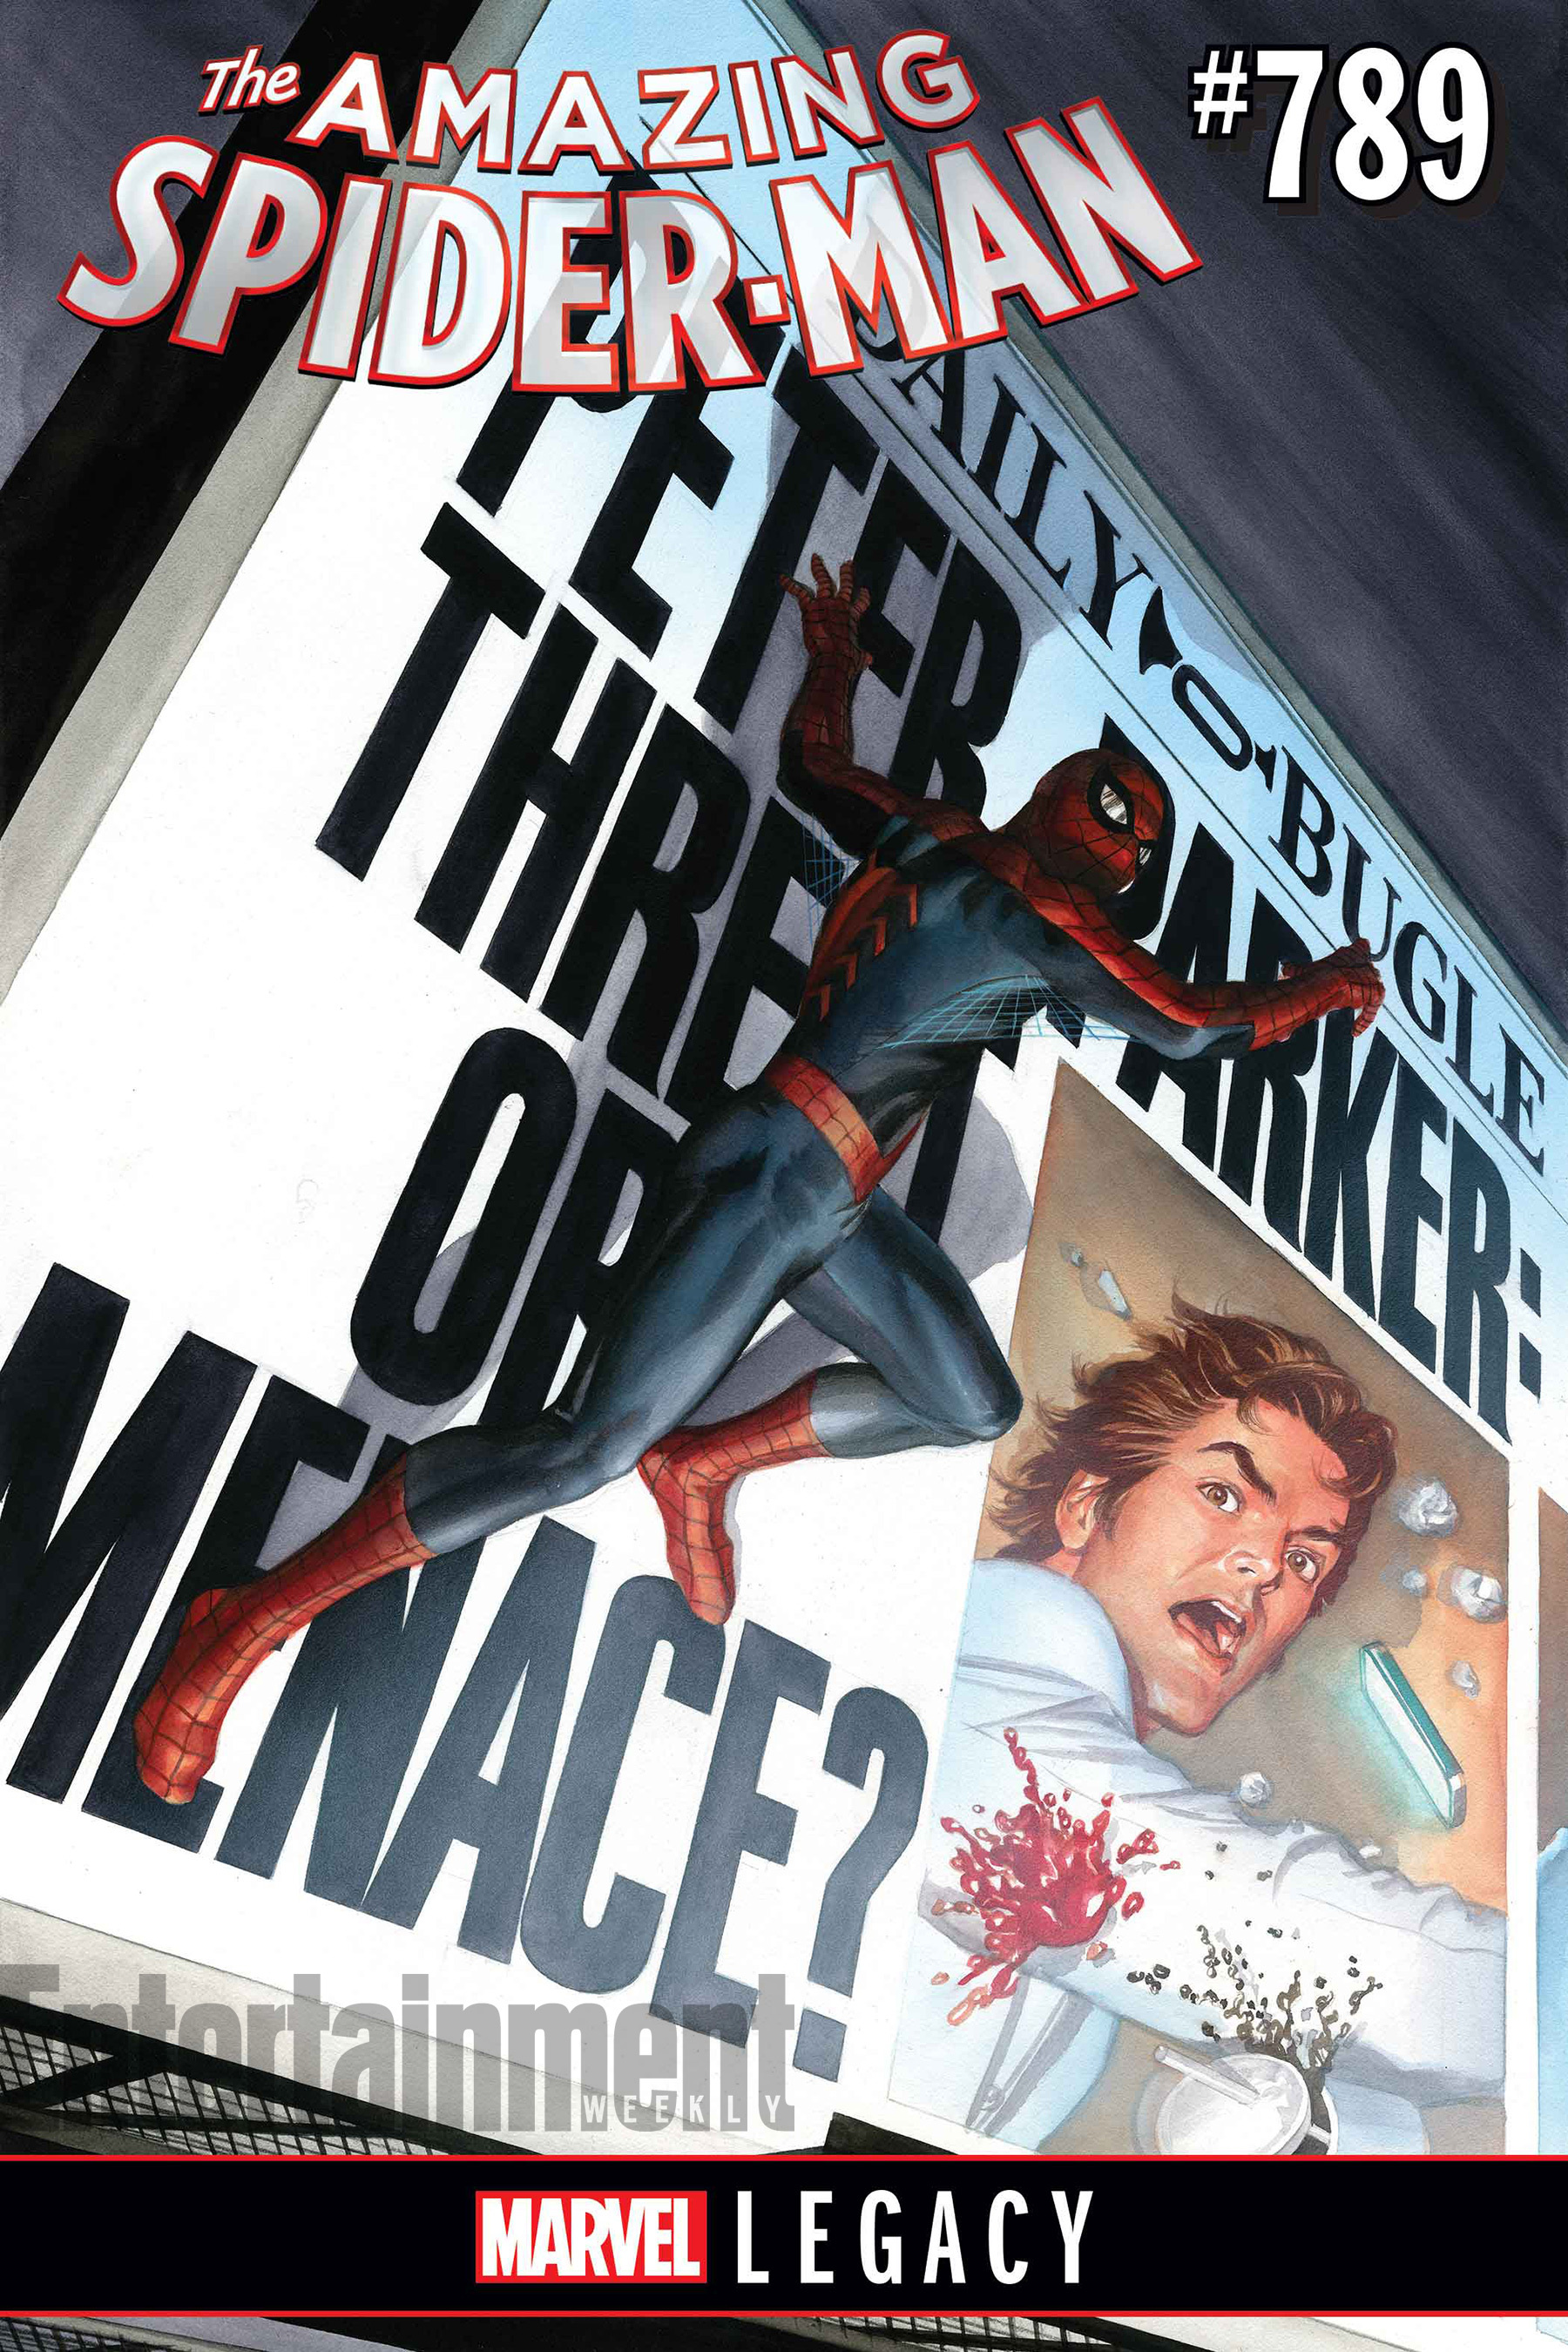 کمیک شماره 789 مرد عنکبوتی شگفت انگیز